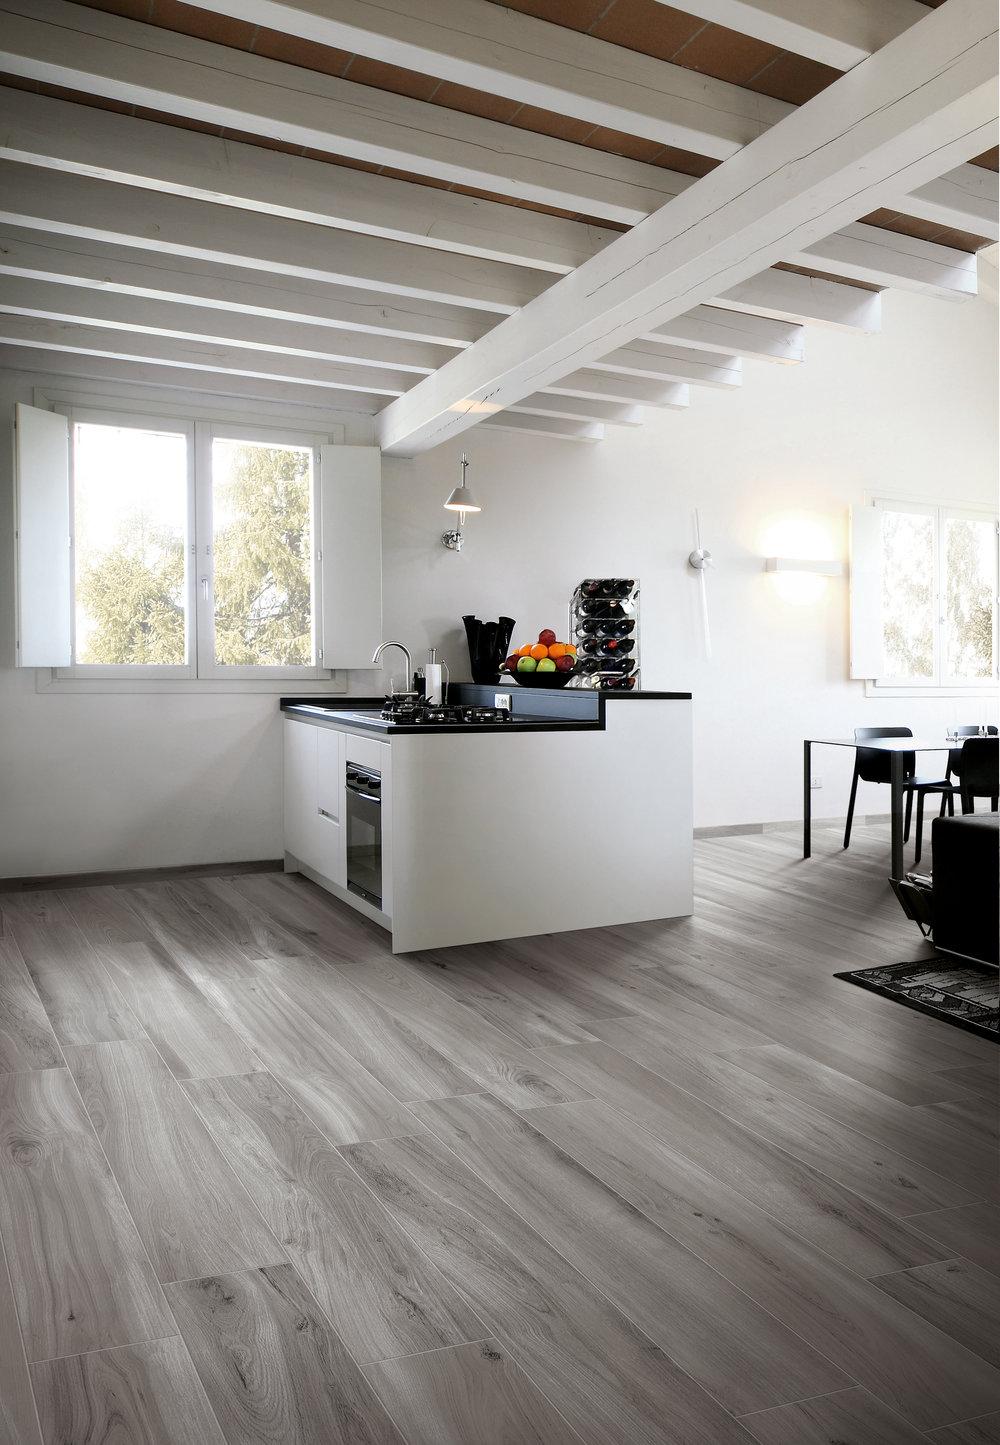 mood wood cucina pav grey 20x120.jpg